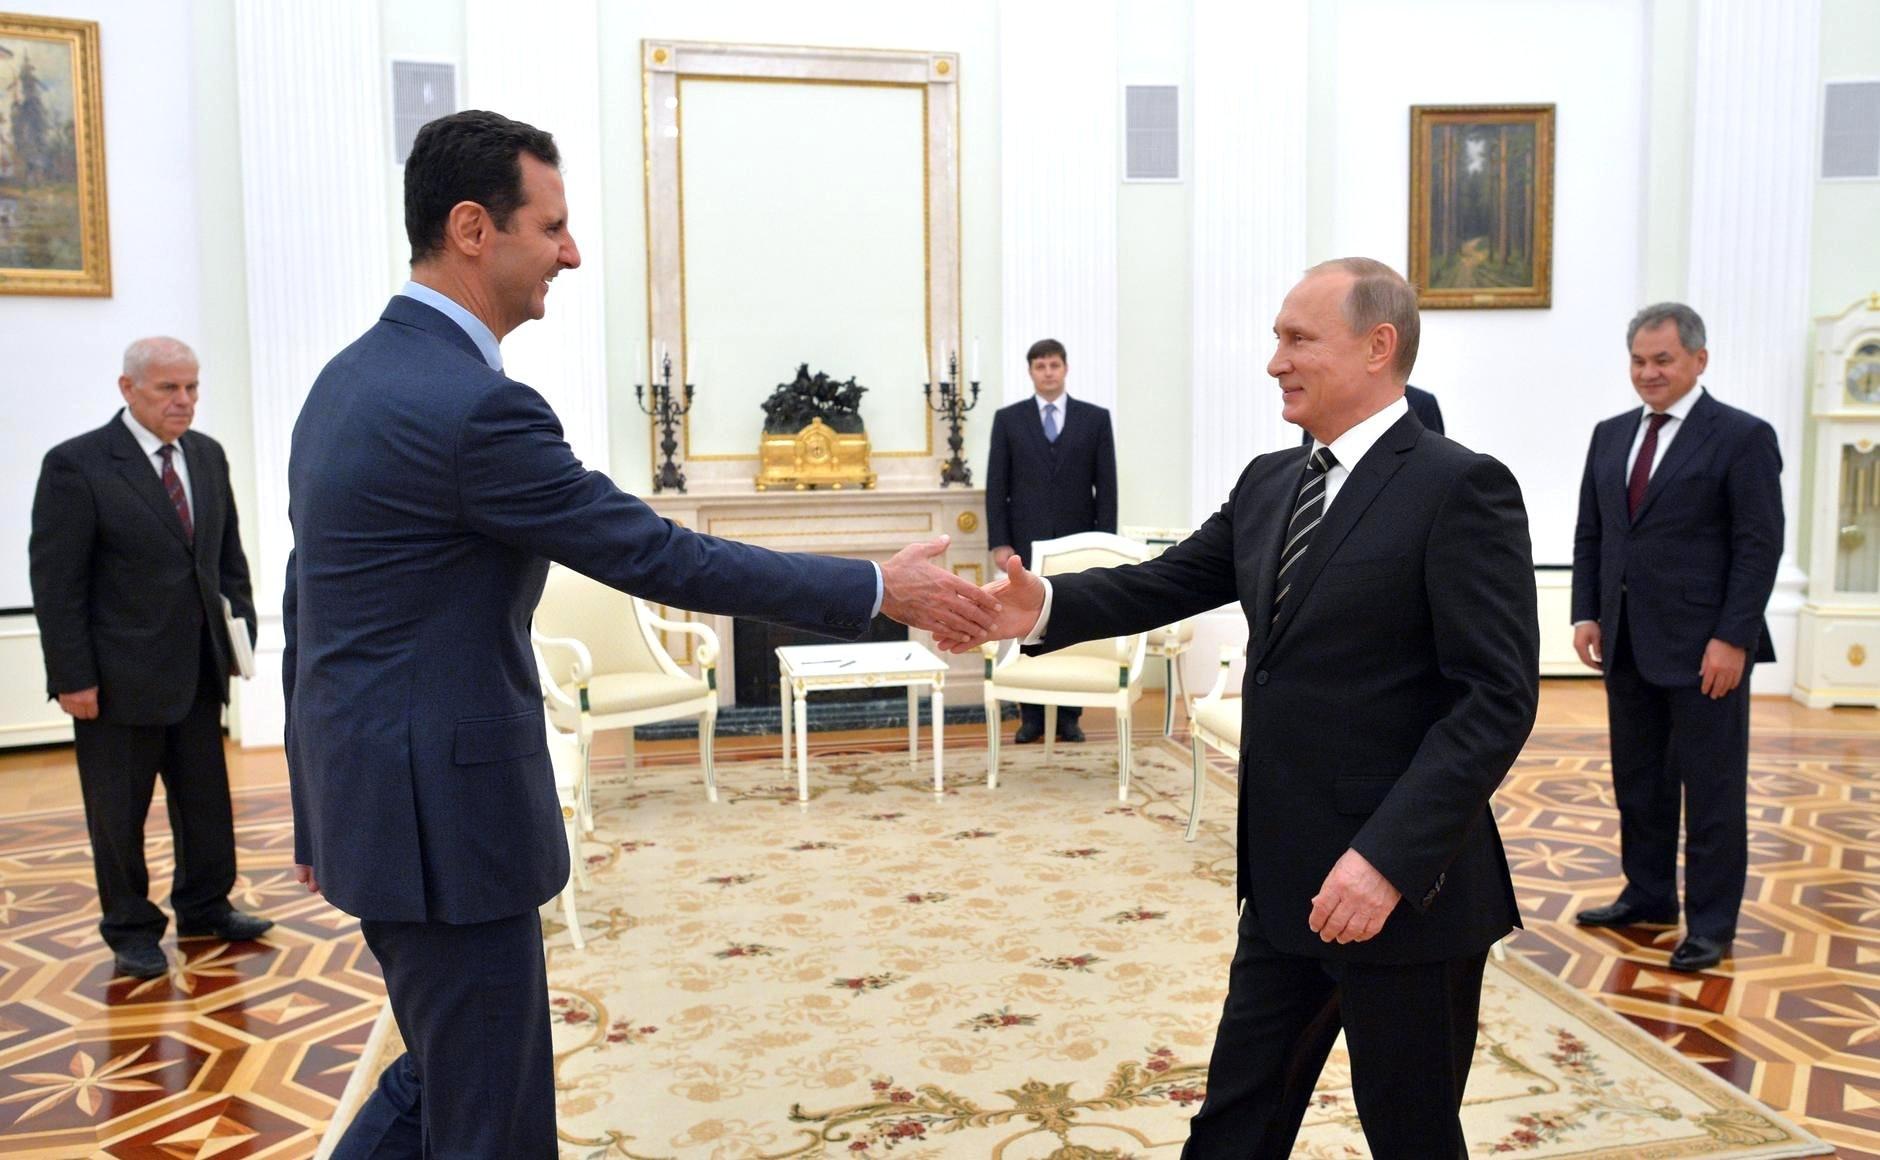 Легална акција Русије у Сирији и њен геополитички утицај на Балкан